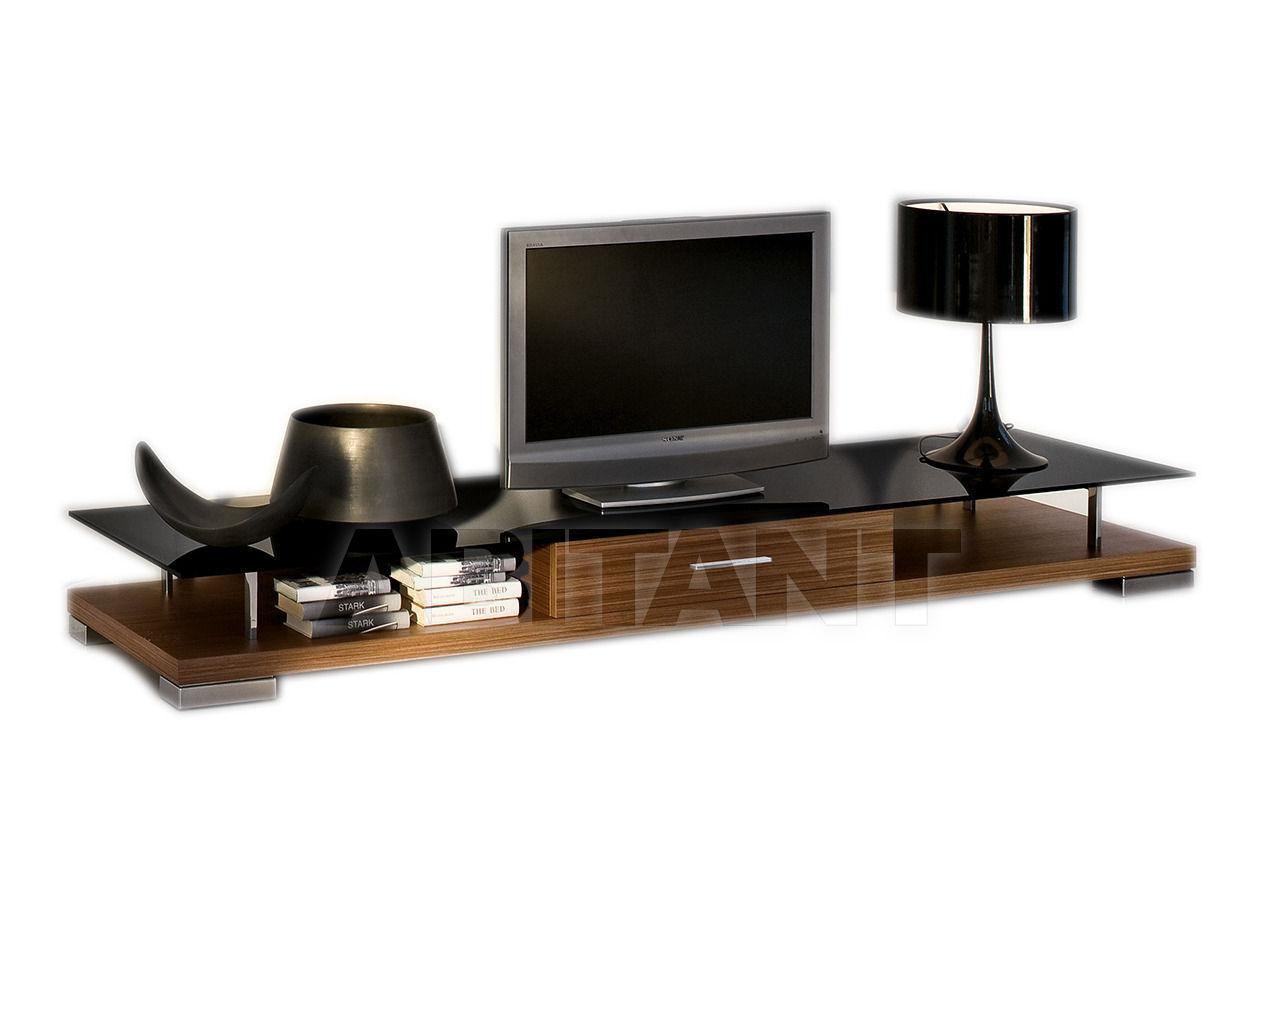 Купить Стойка под аппаратуру Tonin Casa Rossa Necker 6010